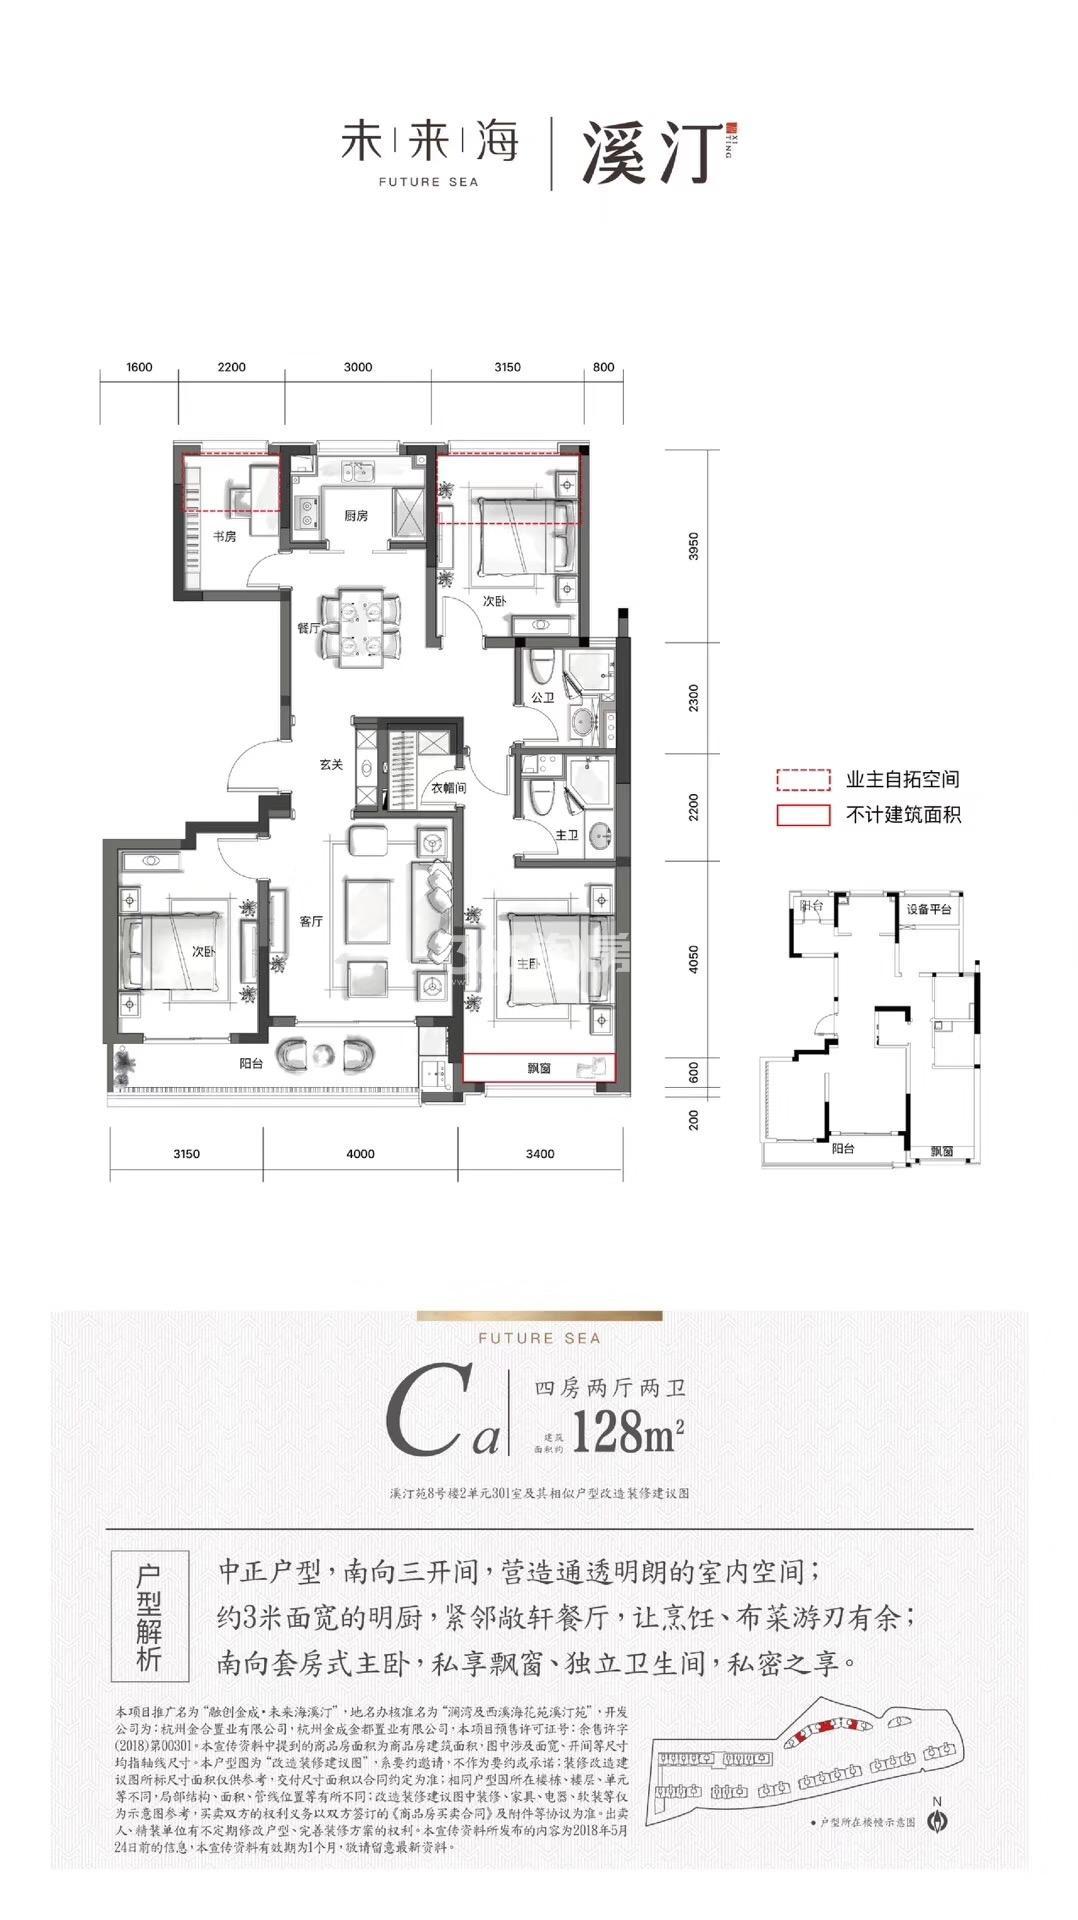 融创金成未来海南区8号楼Ca户型128方户型图